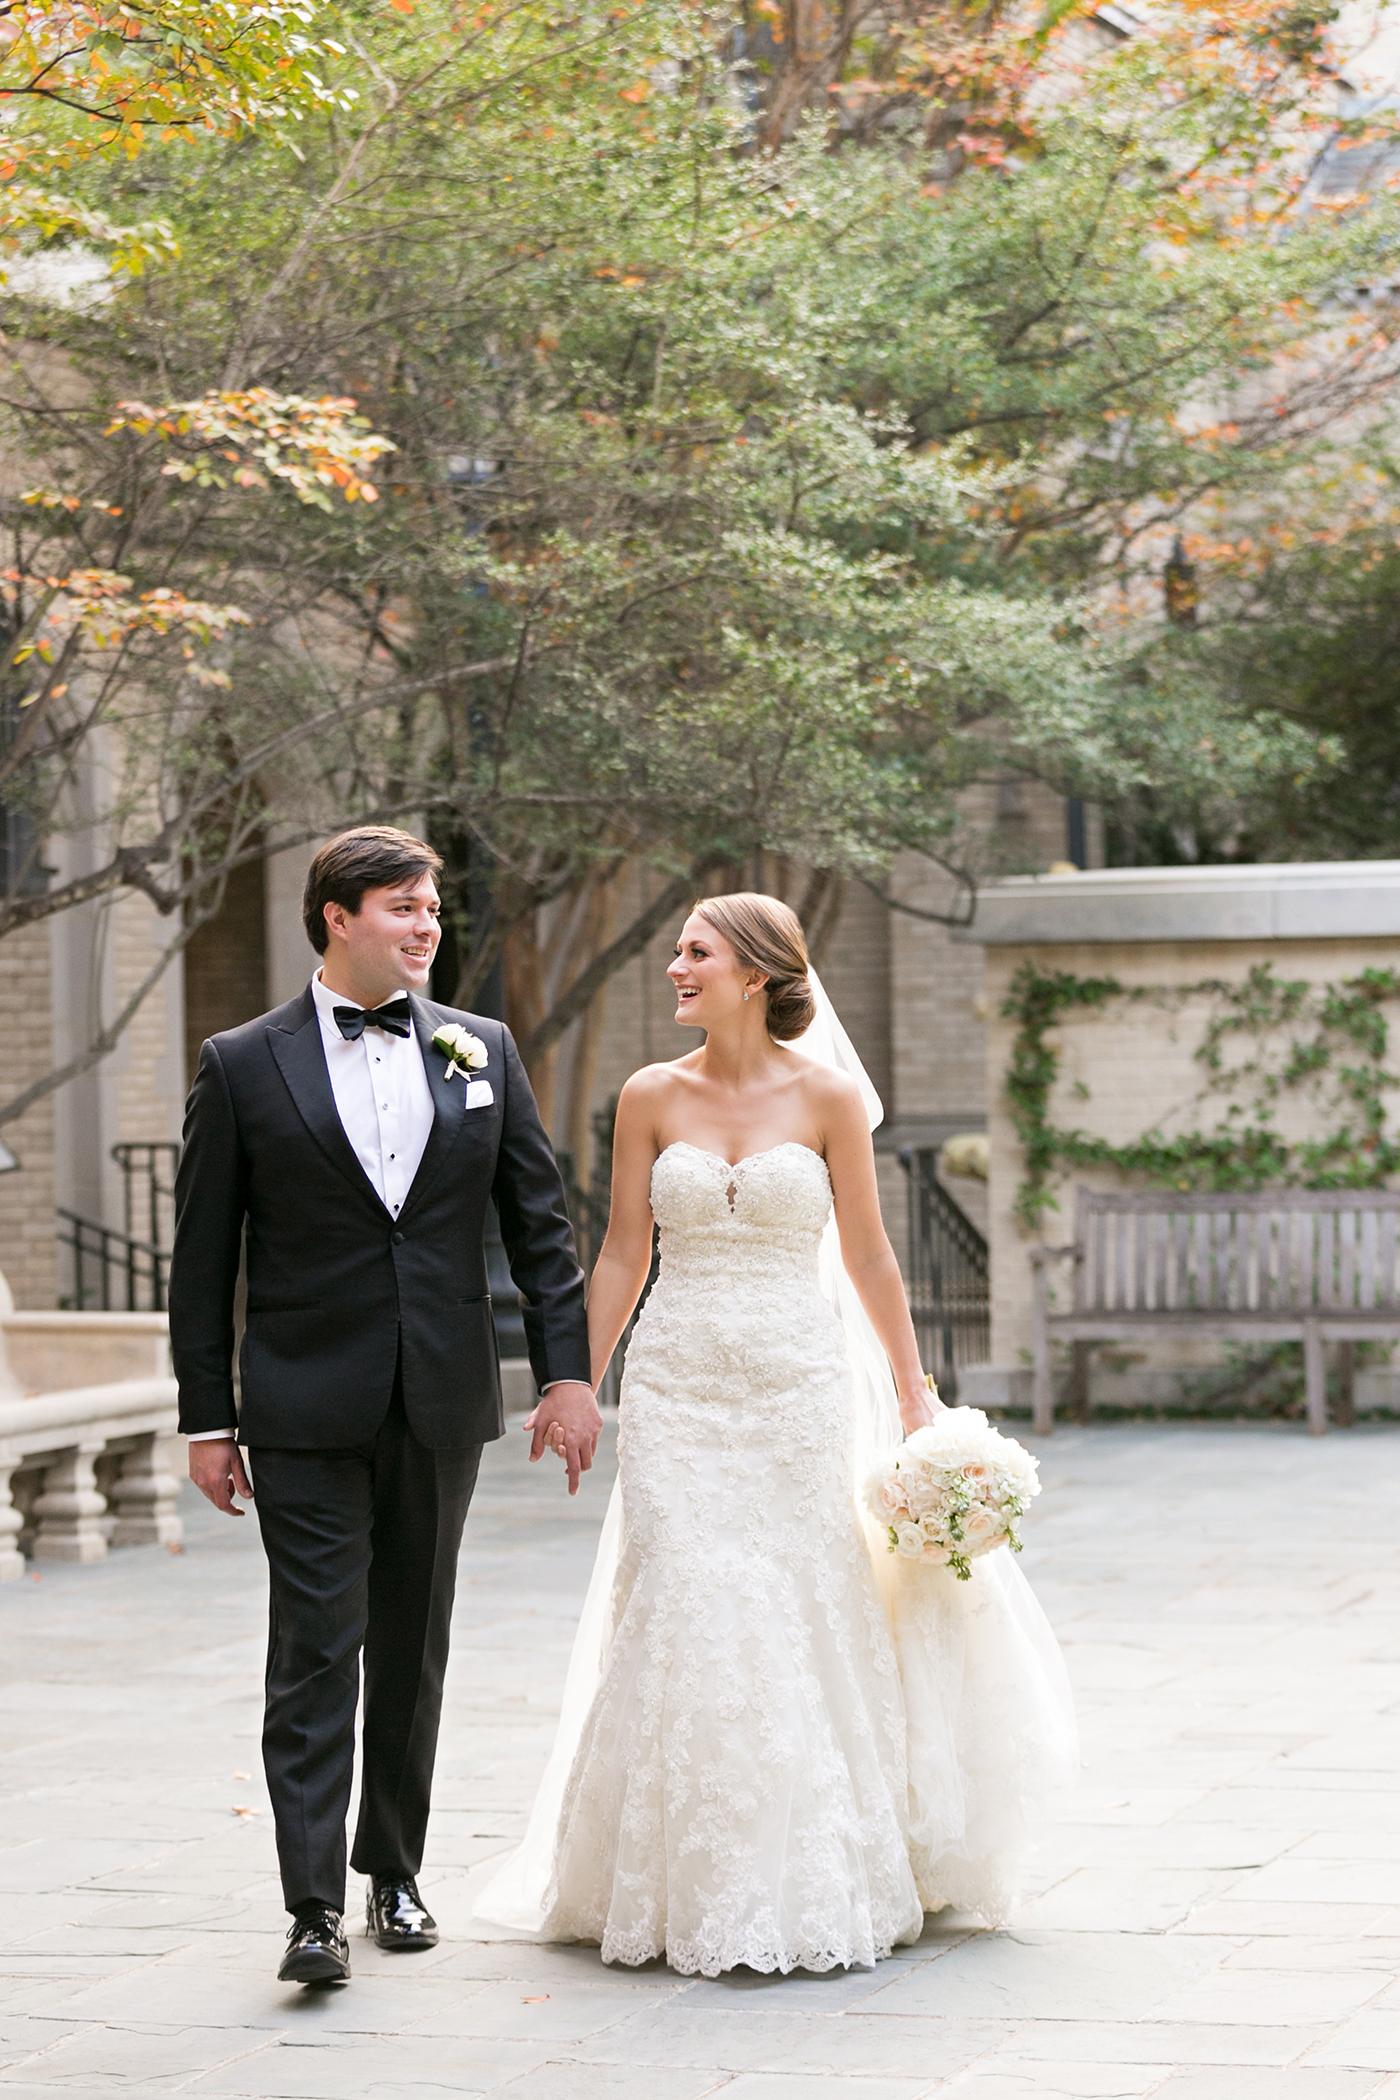 Dallas Wedding Planner - Allday Events - Classic Wedding at Dallas Scottish Rite - 257.jpg